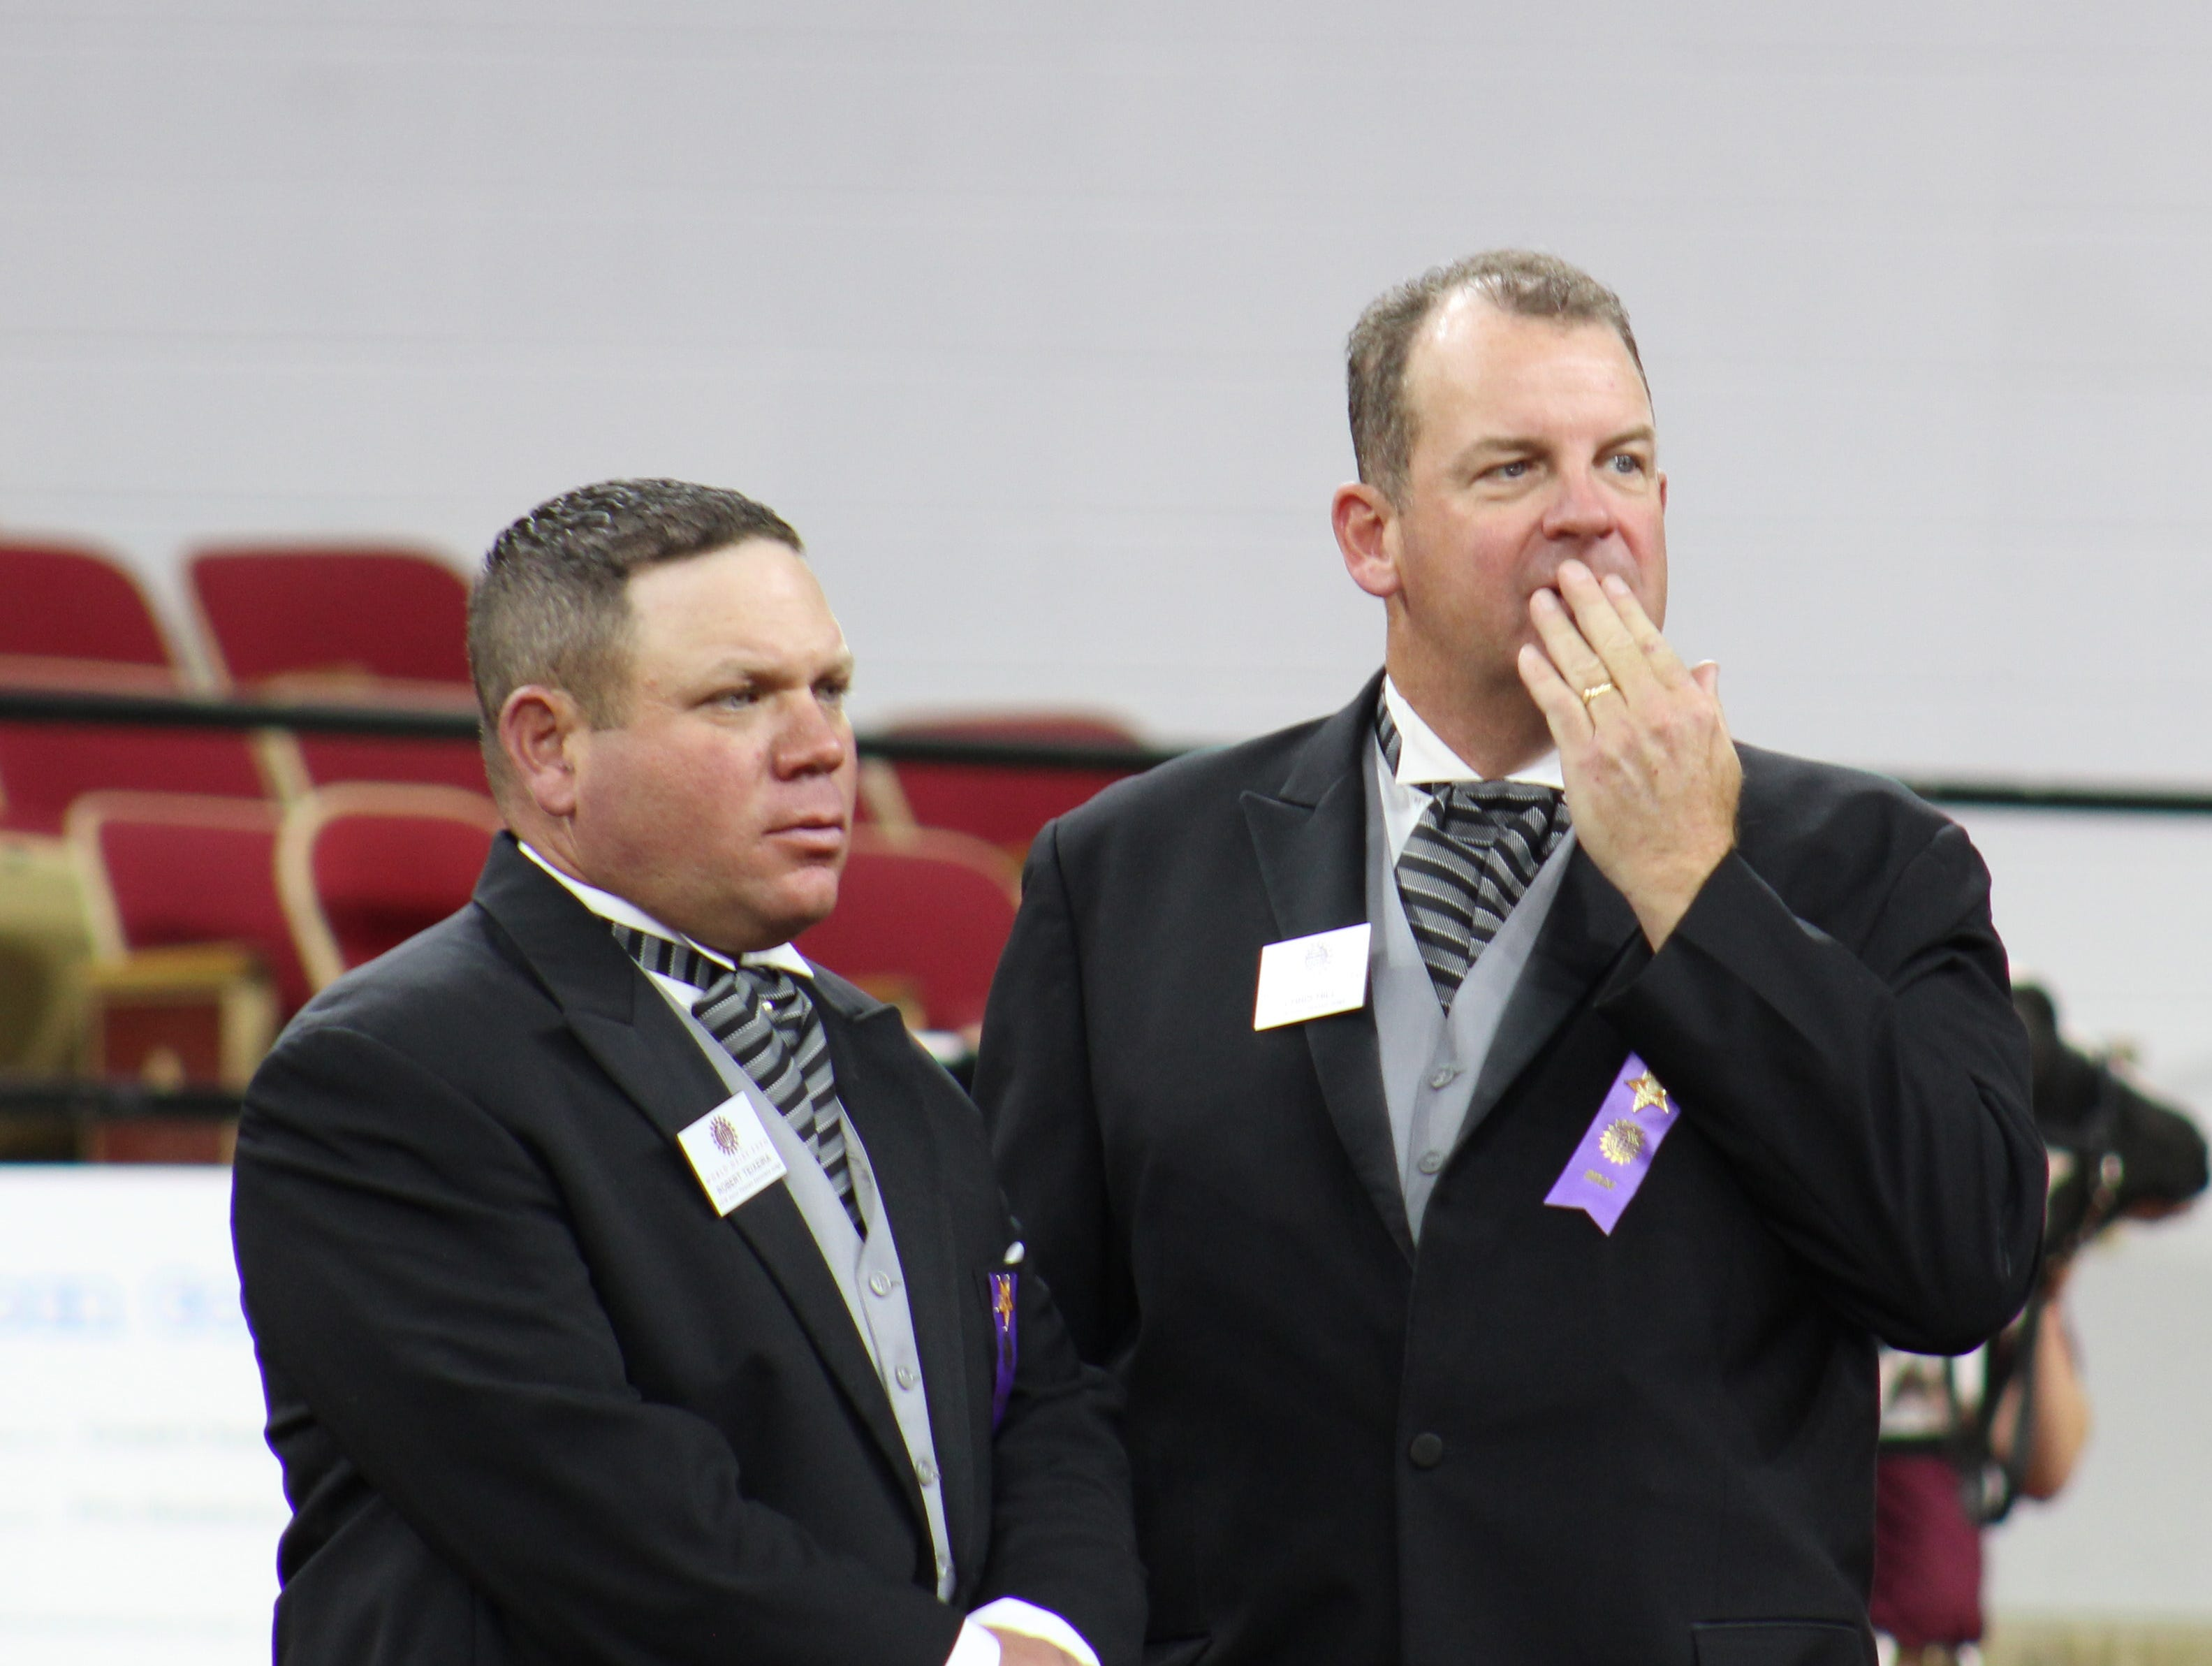 Associate judge Robert Teixeira (left) head judge Chris Hill confer before making their final placing in a class during the International Junior Holstein Show.